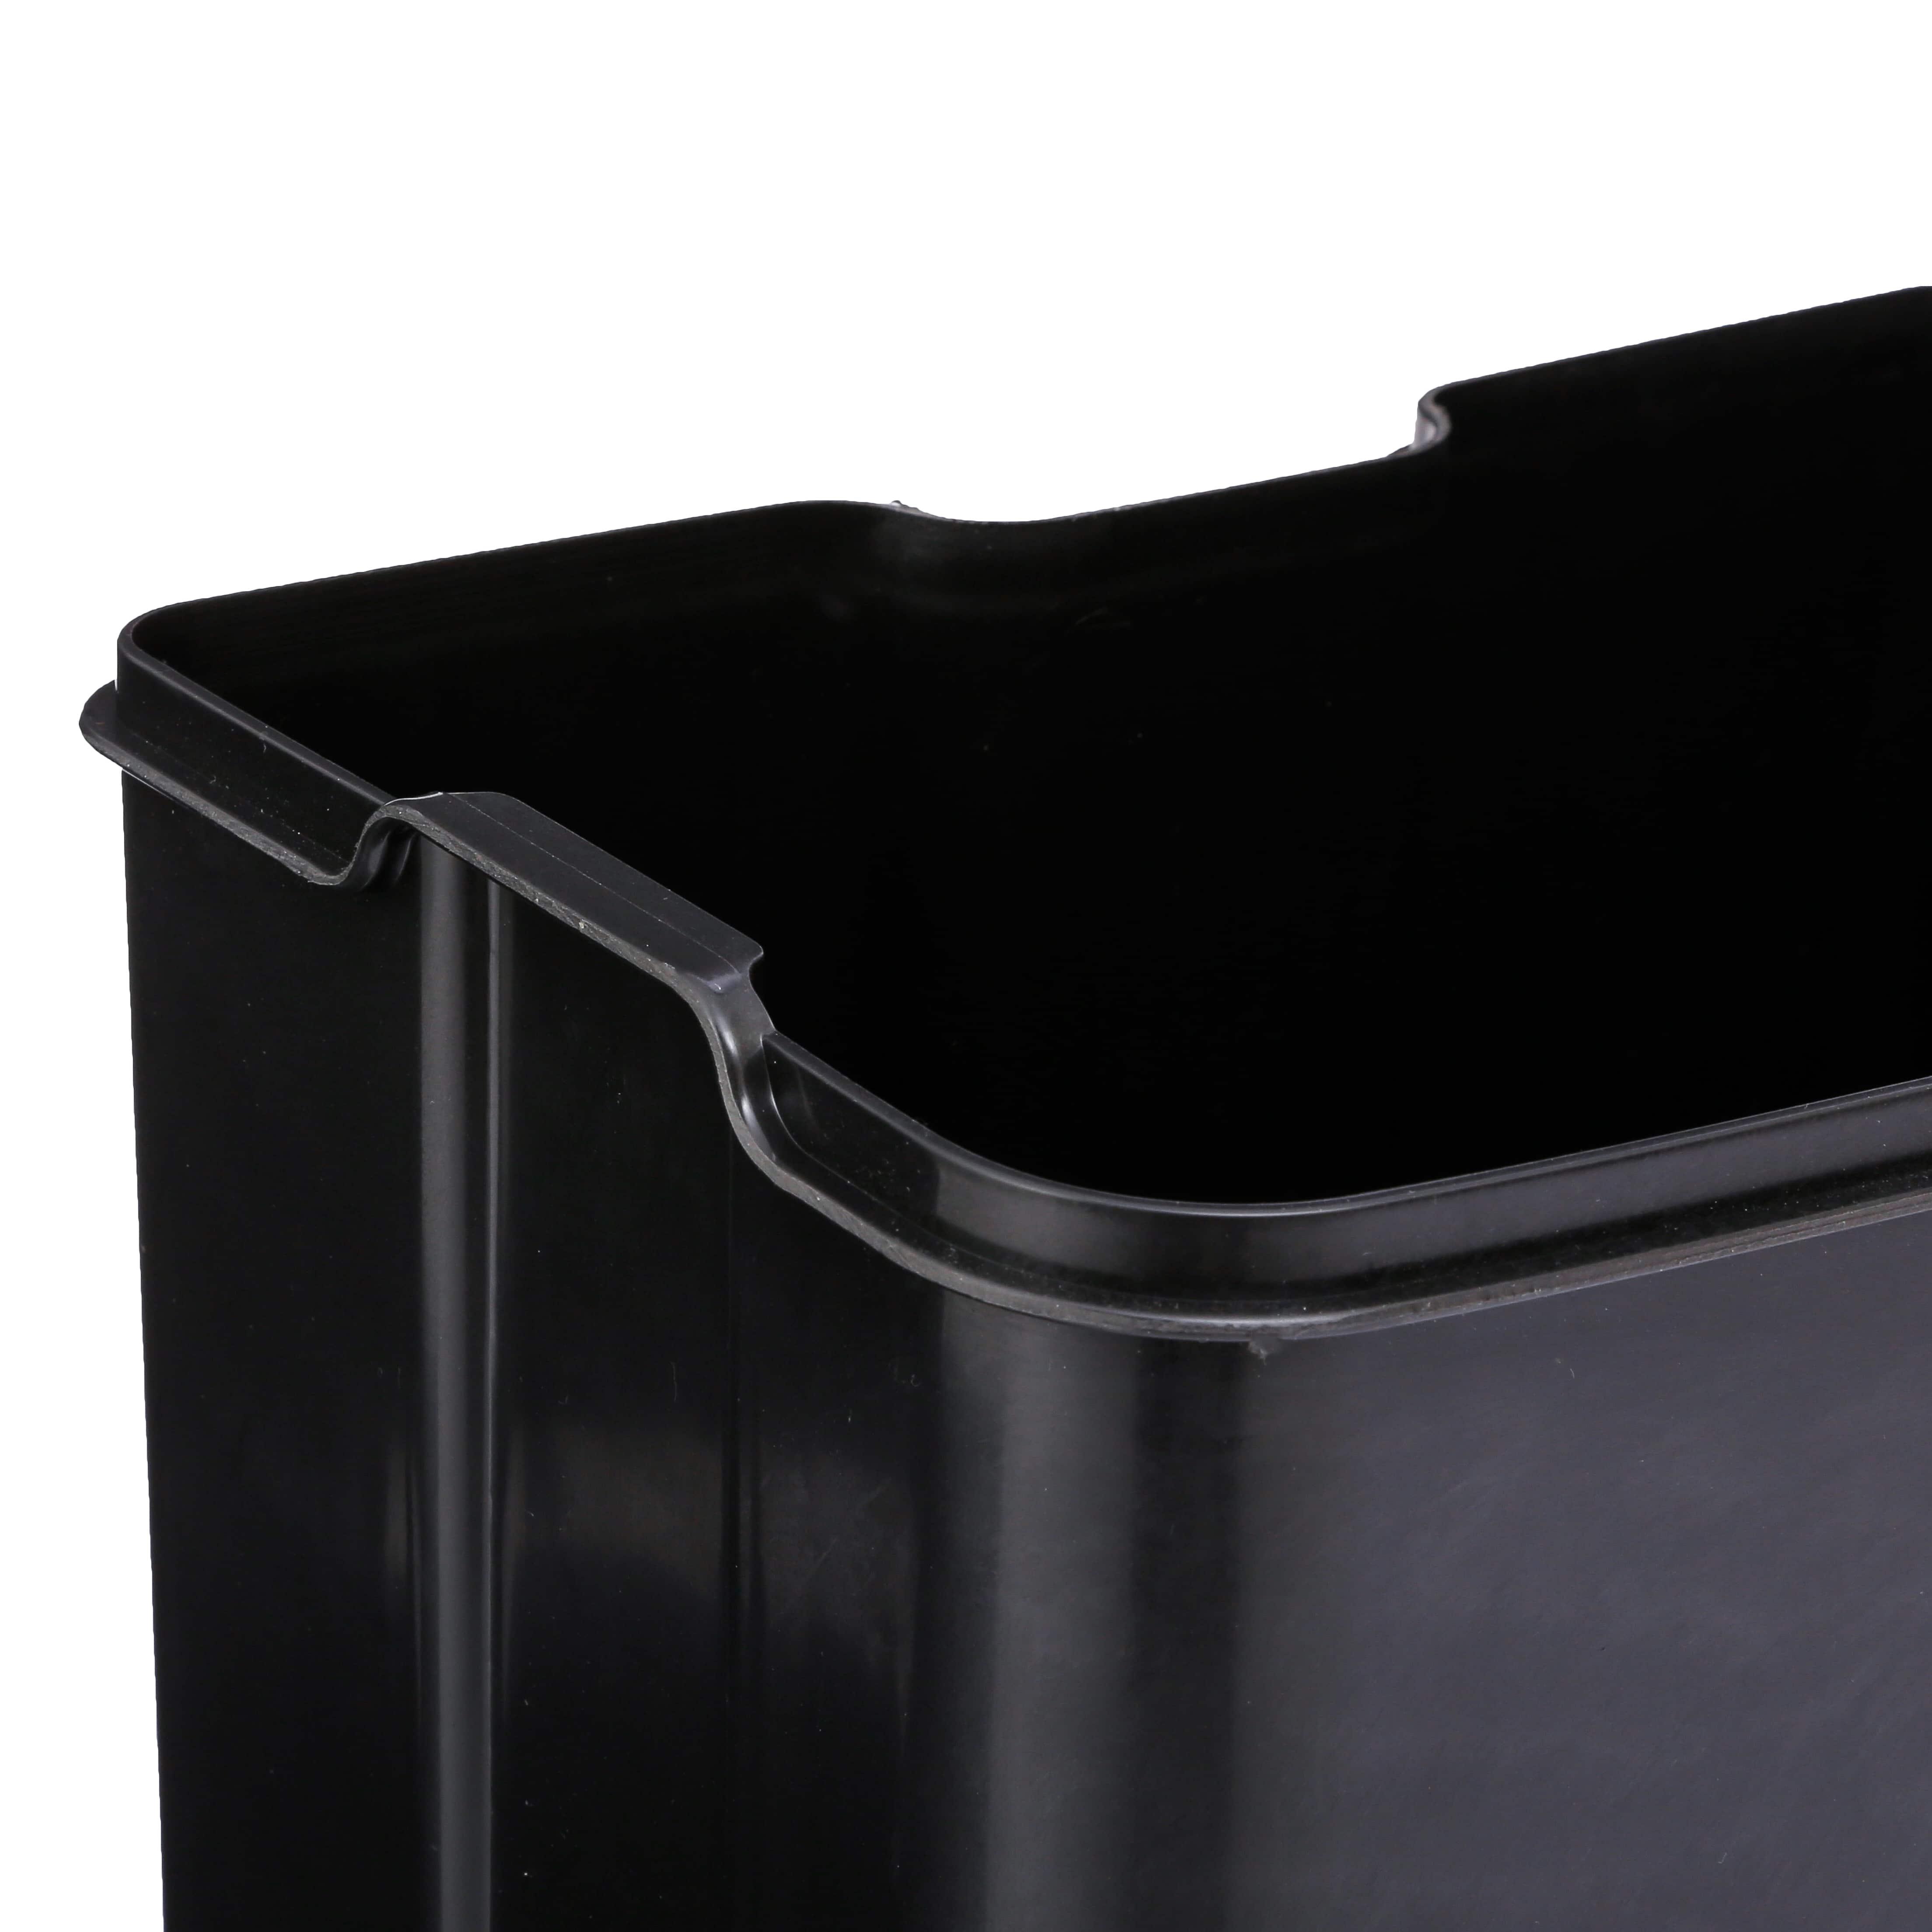 4goodz pedaalemmer 30 liter met uitneembare emmer 34x32x61cm - Rood